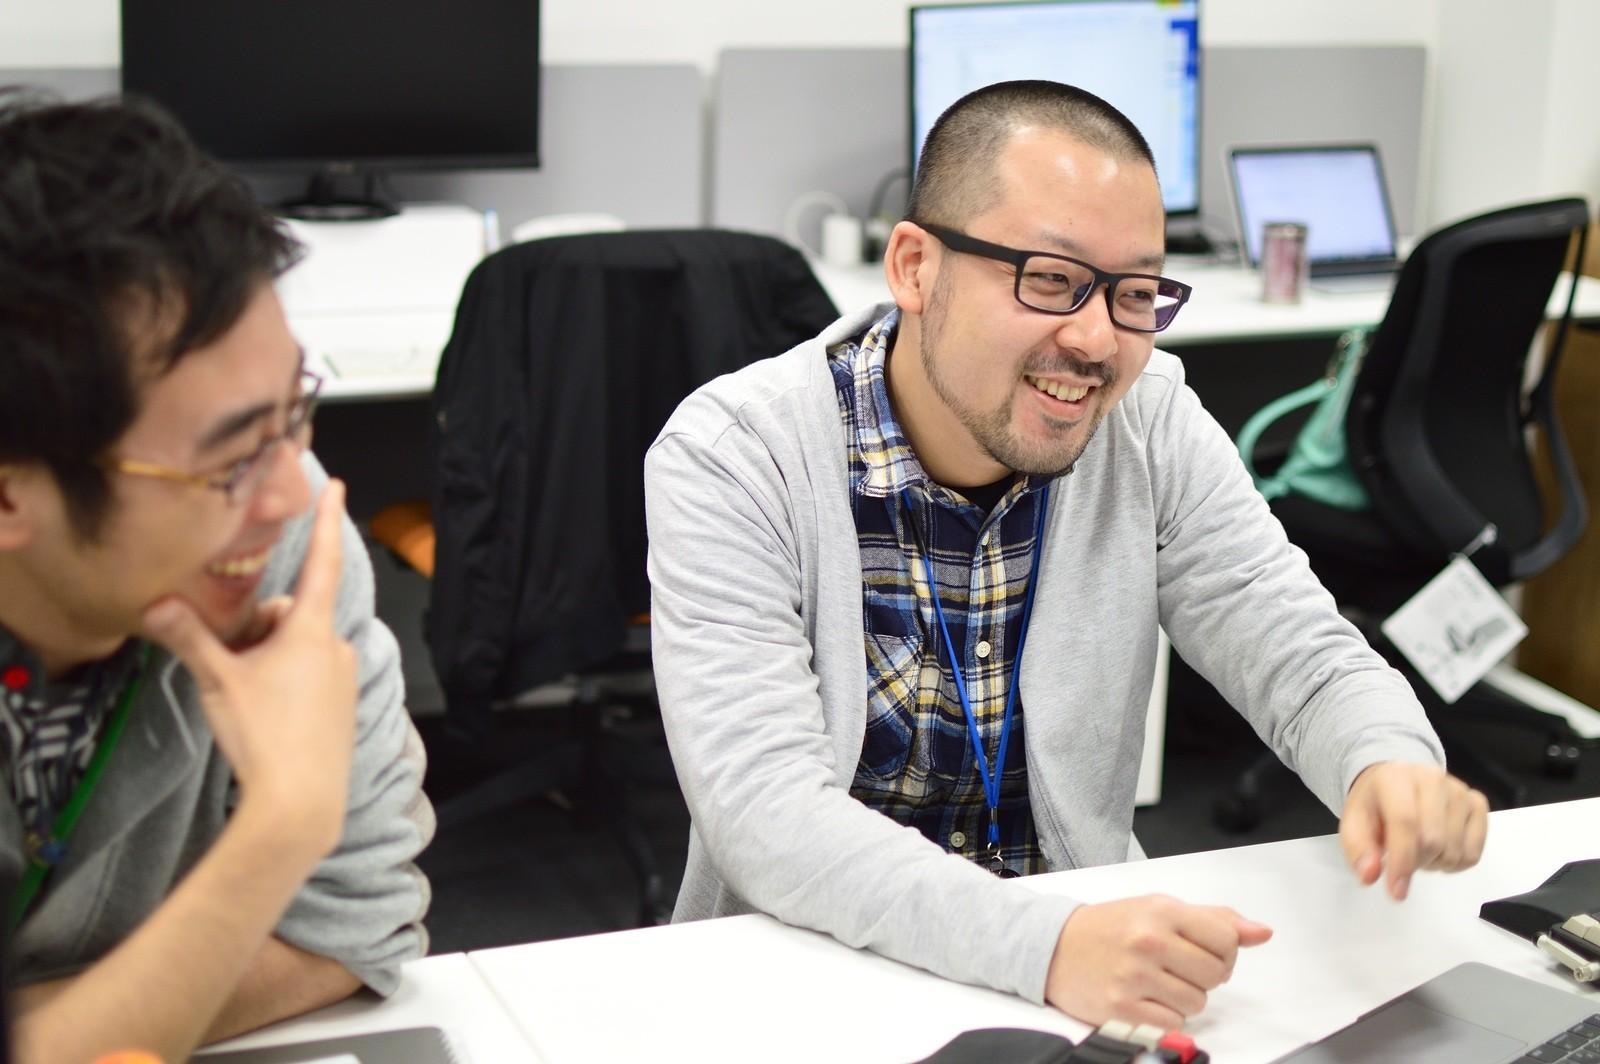 【QAエンジニア】企業の創造性を向上させる「働き方改革」プラットフォームの品質創りをリードするメンバー募集!<スクラム×QAを実践◎>